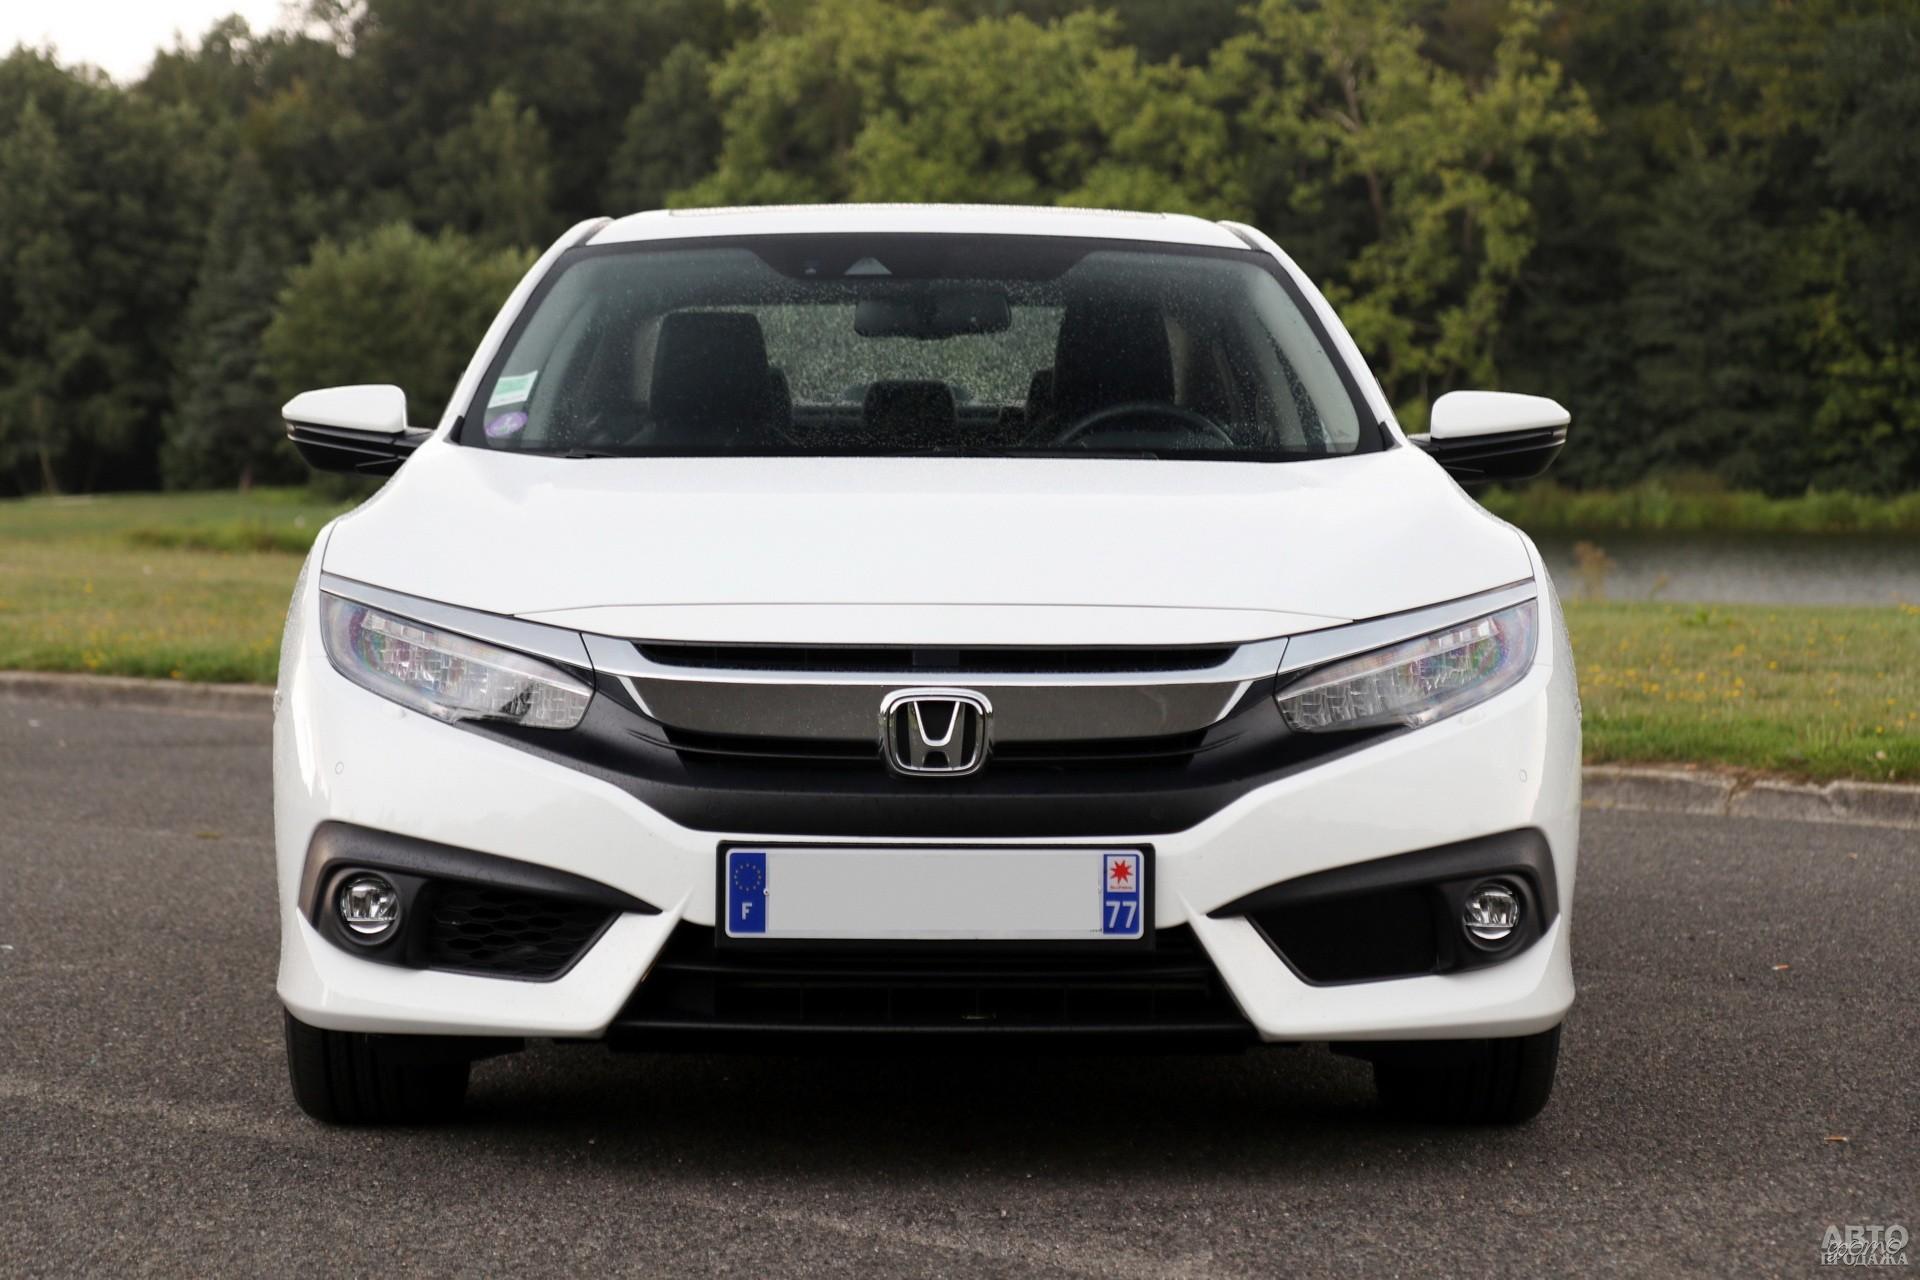 Фары Honda_Civic прикрыты хромированными «бровями»